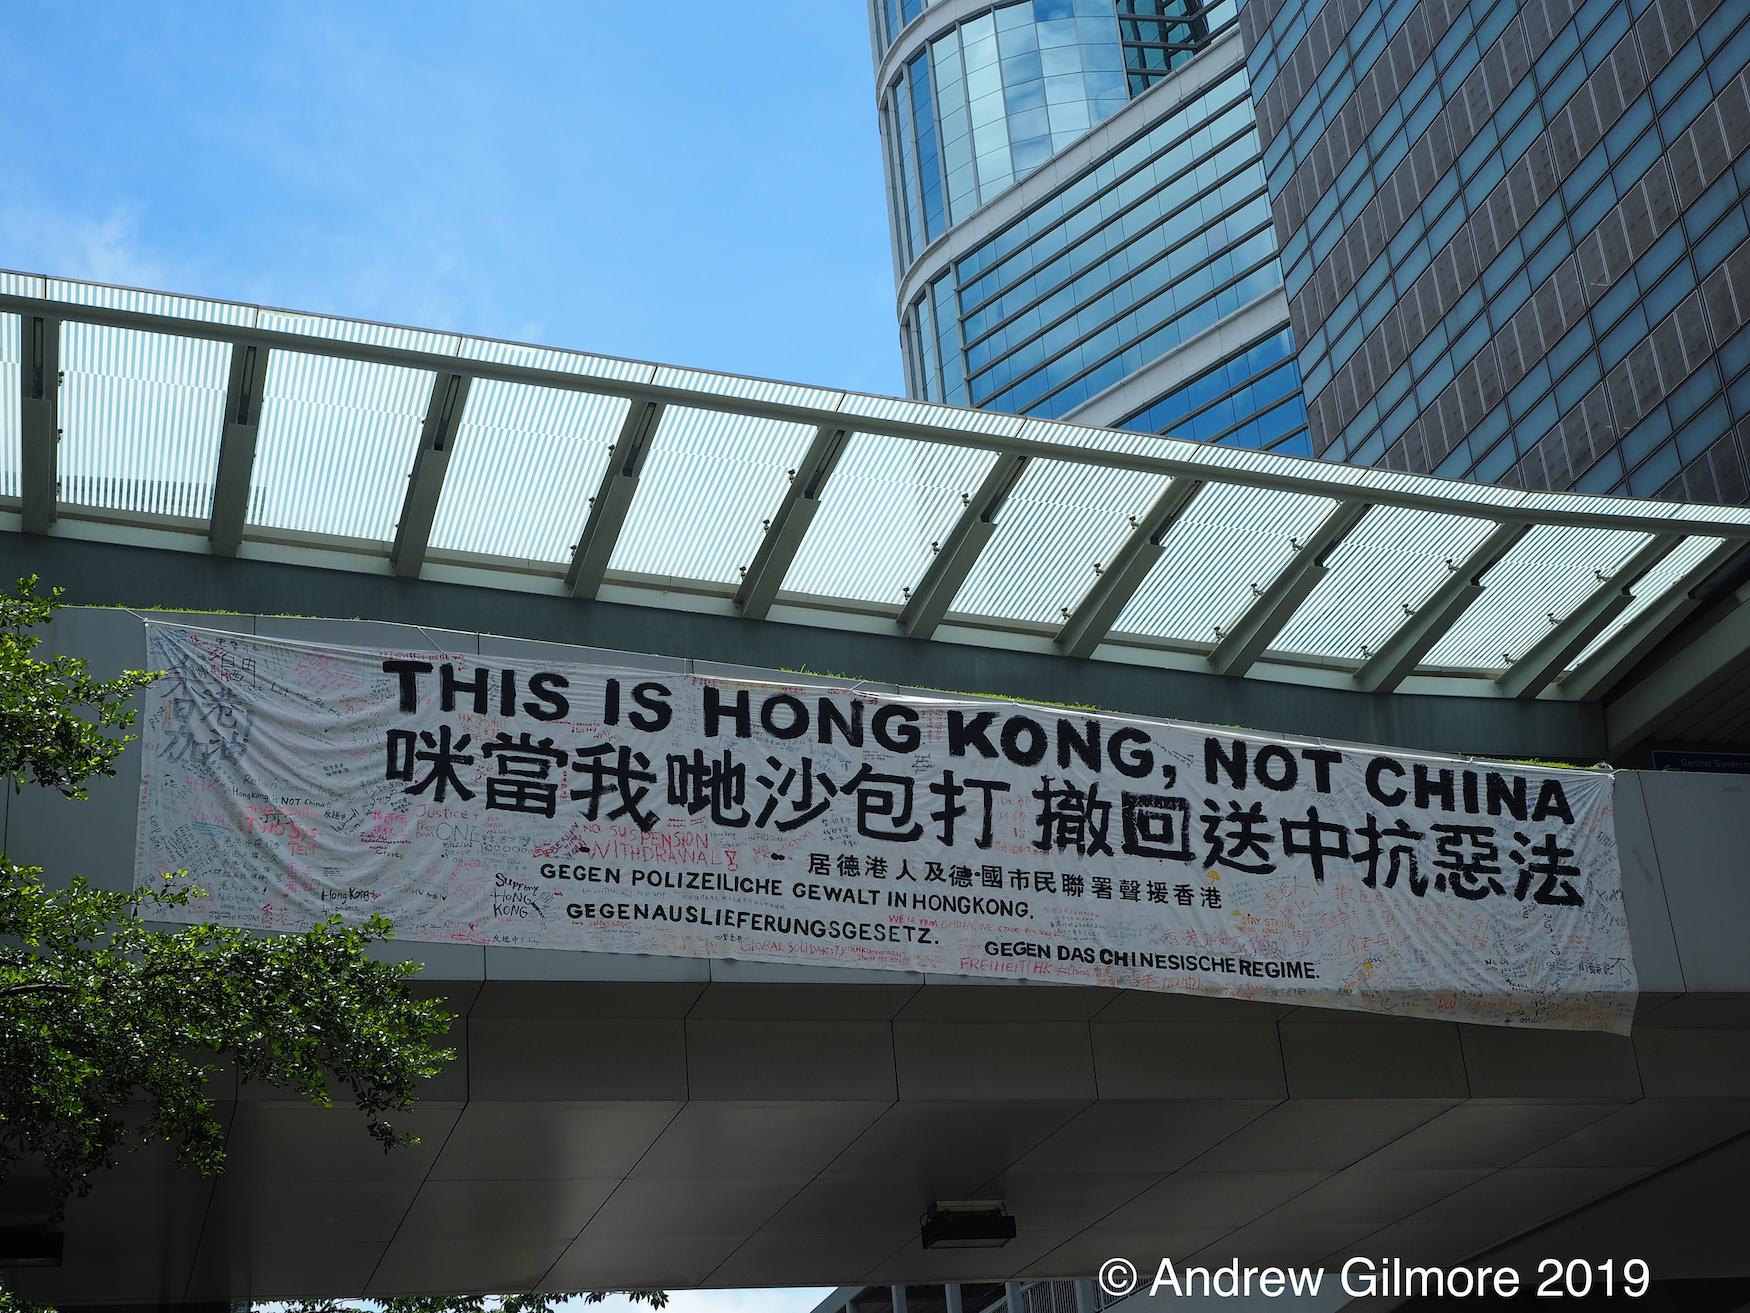 Hong Kong not China banner